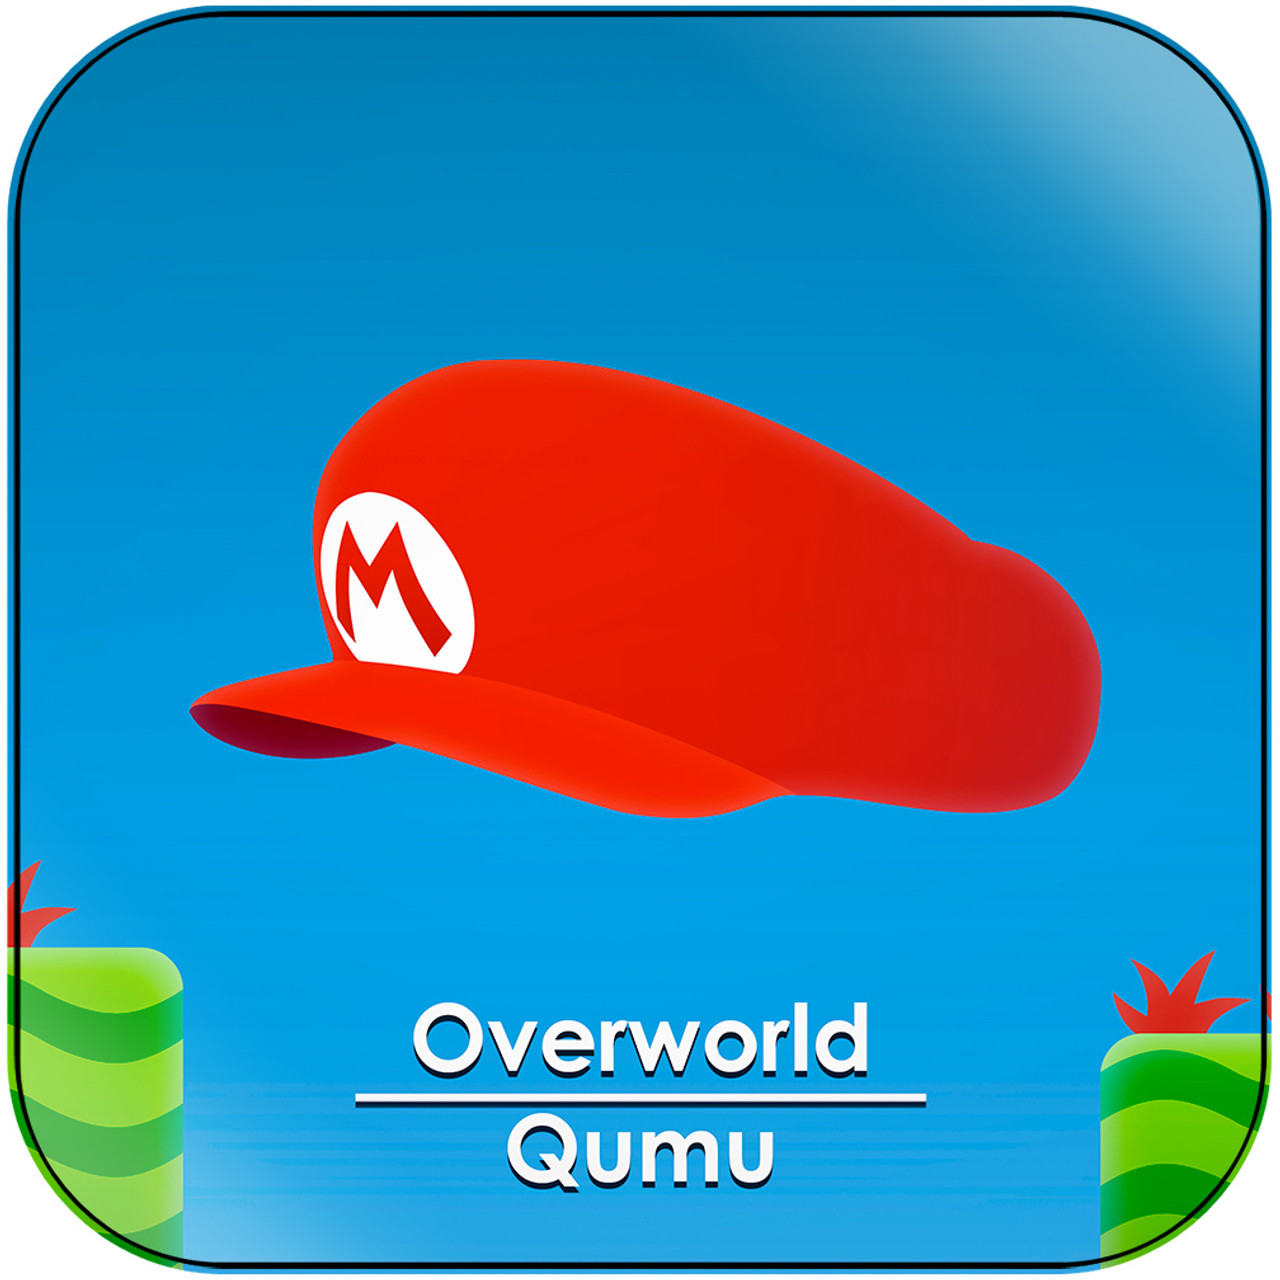 Qumu Overworld From Super Mario Bros 2 Album Cover Sticker Album